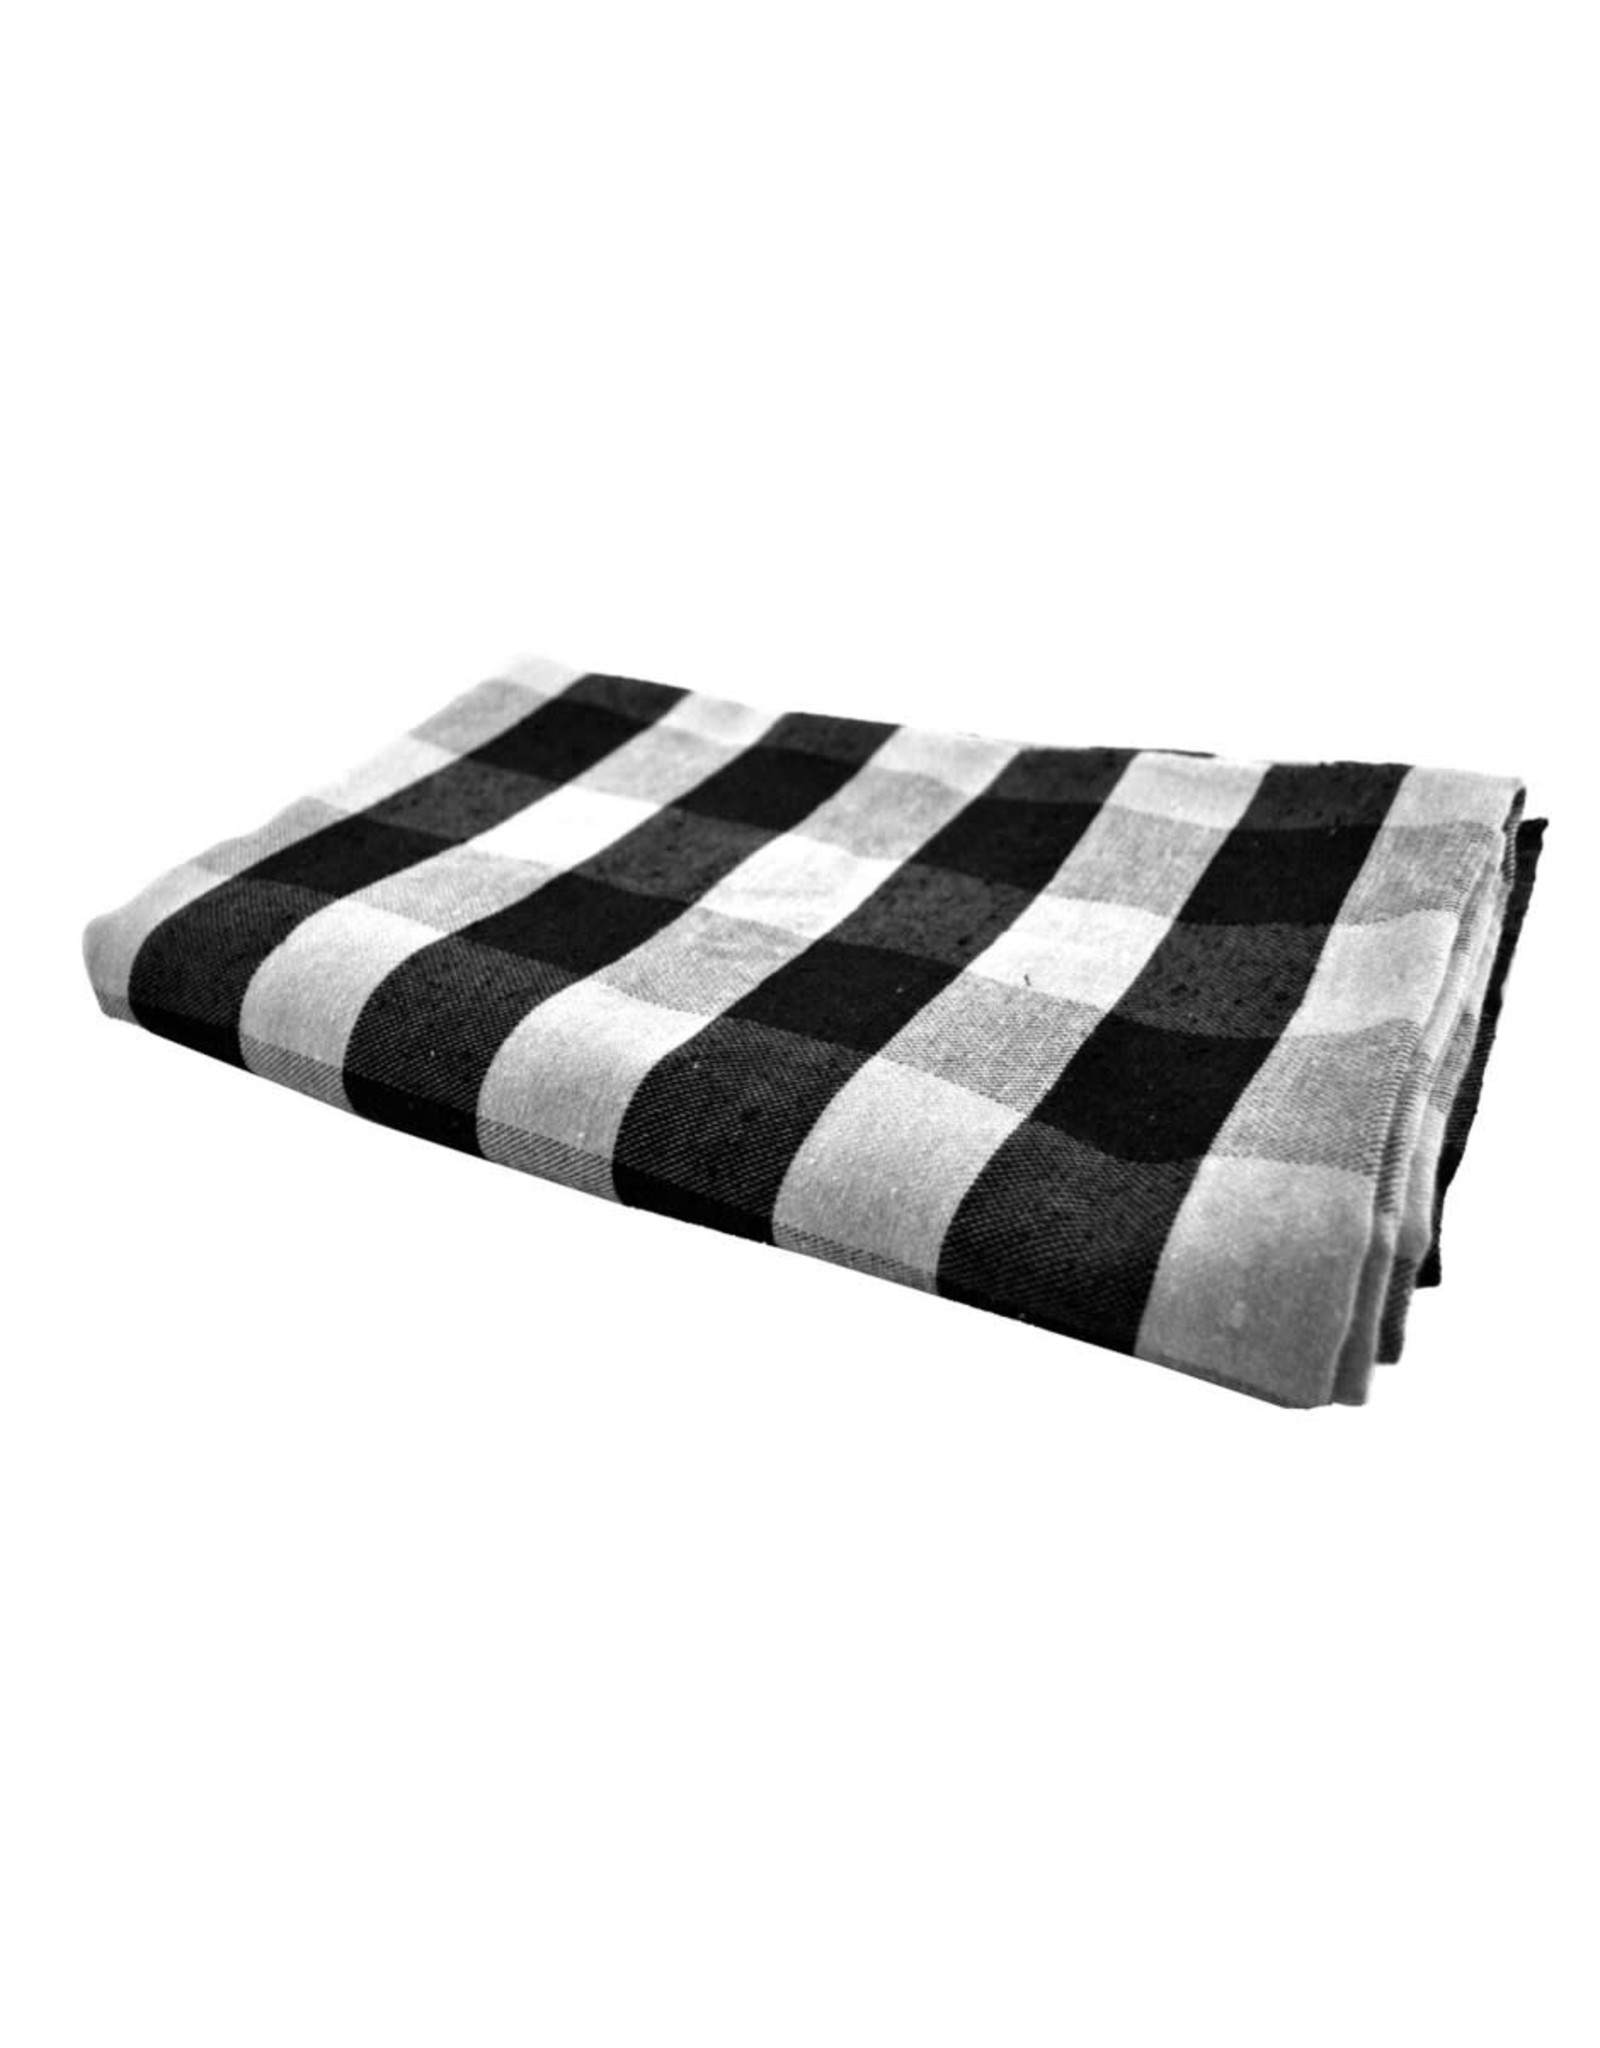 Nappe noire et blanche (60 x 108)